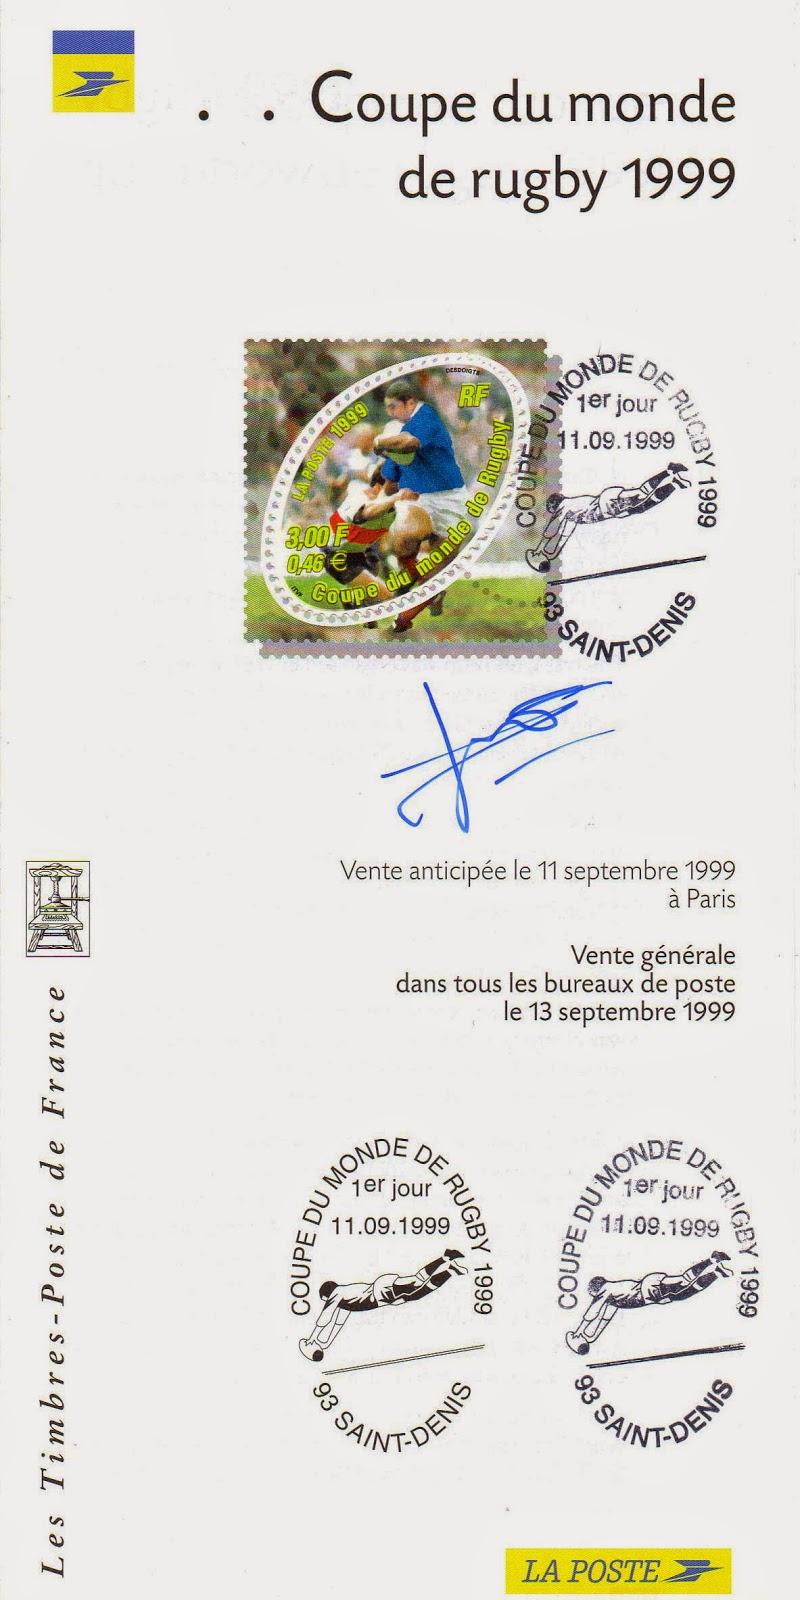 Artistes et cr ateurs de timbres documents philat liques sign s 1999 - Rugby coupe du monde 1999 ...